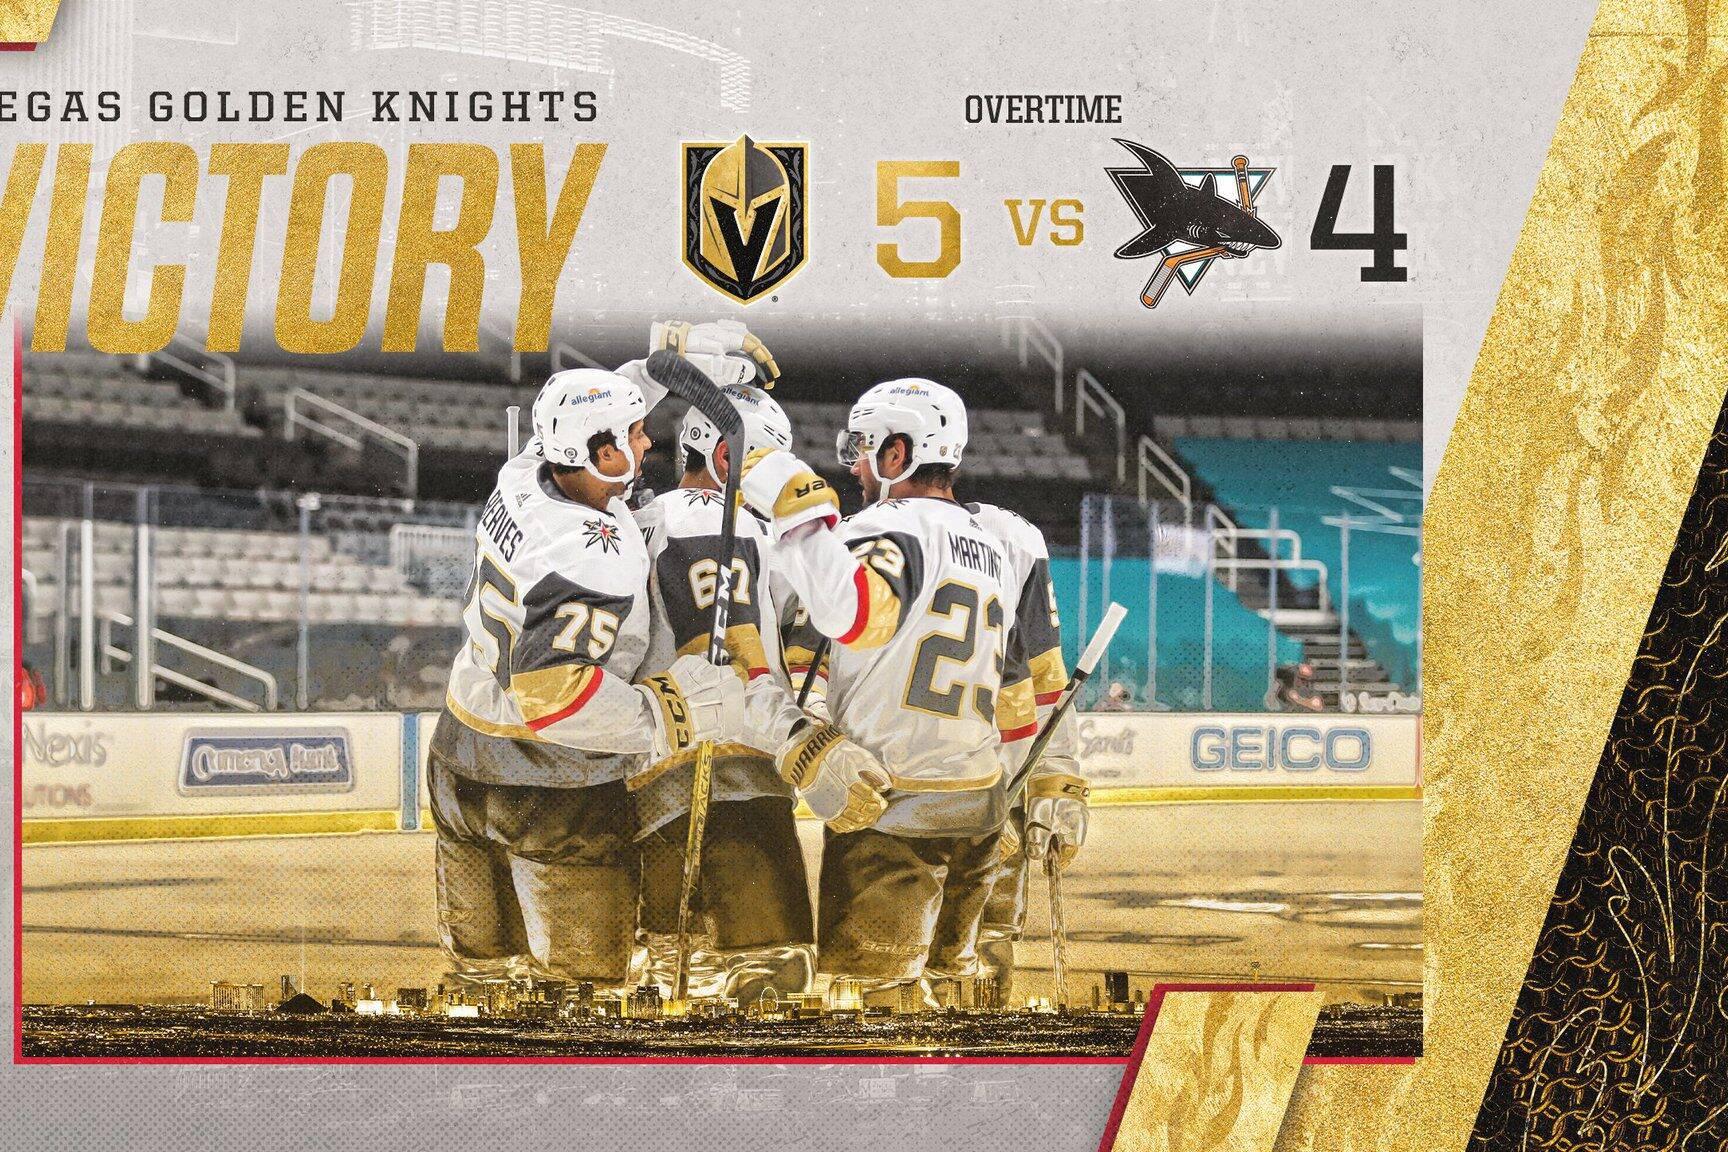 Golden Knights vs Sharks